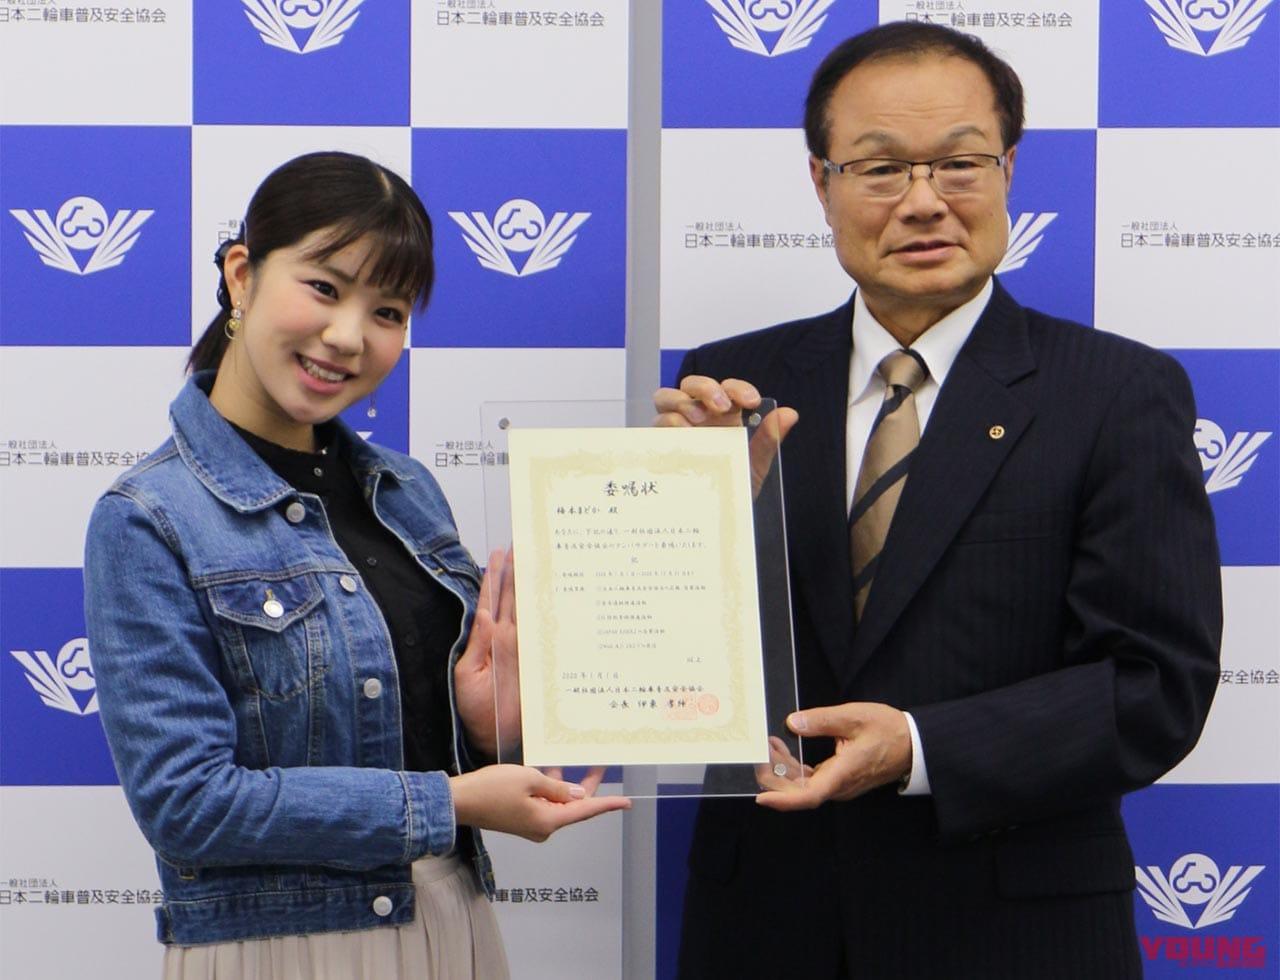 元SKE梅本まどかさんが日本二輪車普及安全協会のアンバサダーに就任